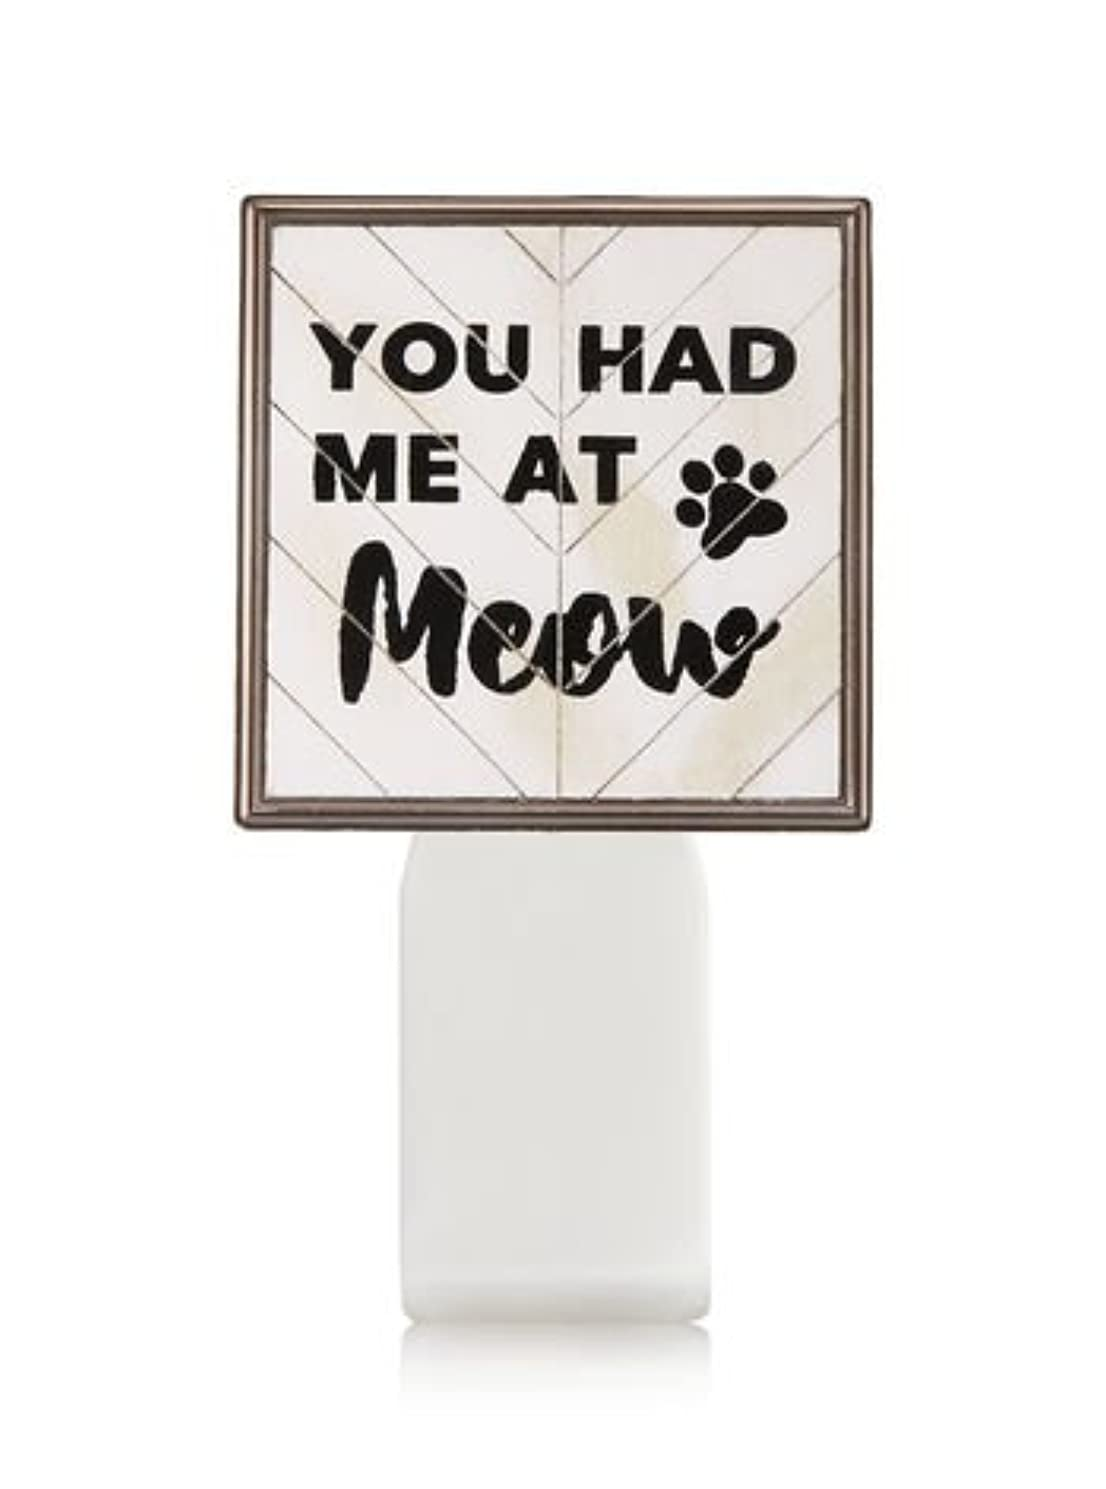 差し迫った本部転送【Bath&Body Works/バス&ボディワークス】 ルームフレグランス プラグインスターター (本体のみ) キャット シールド Wallflowers Fragrance Plug You Had Me At Meow [並行輸入品]